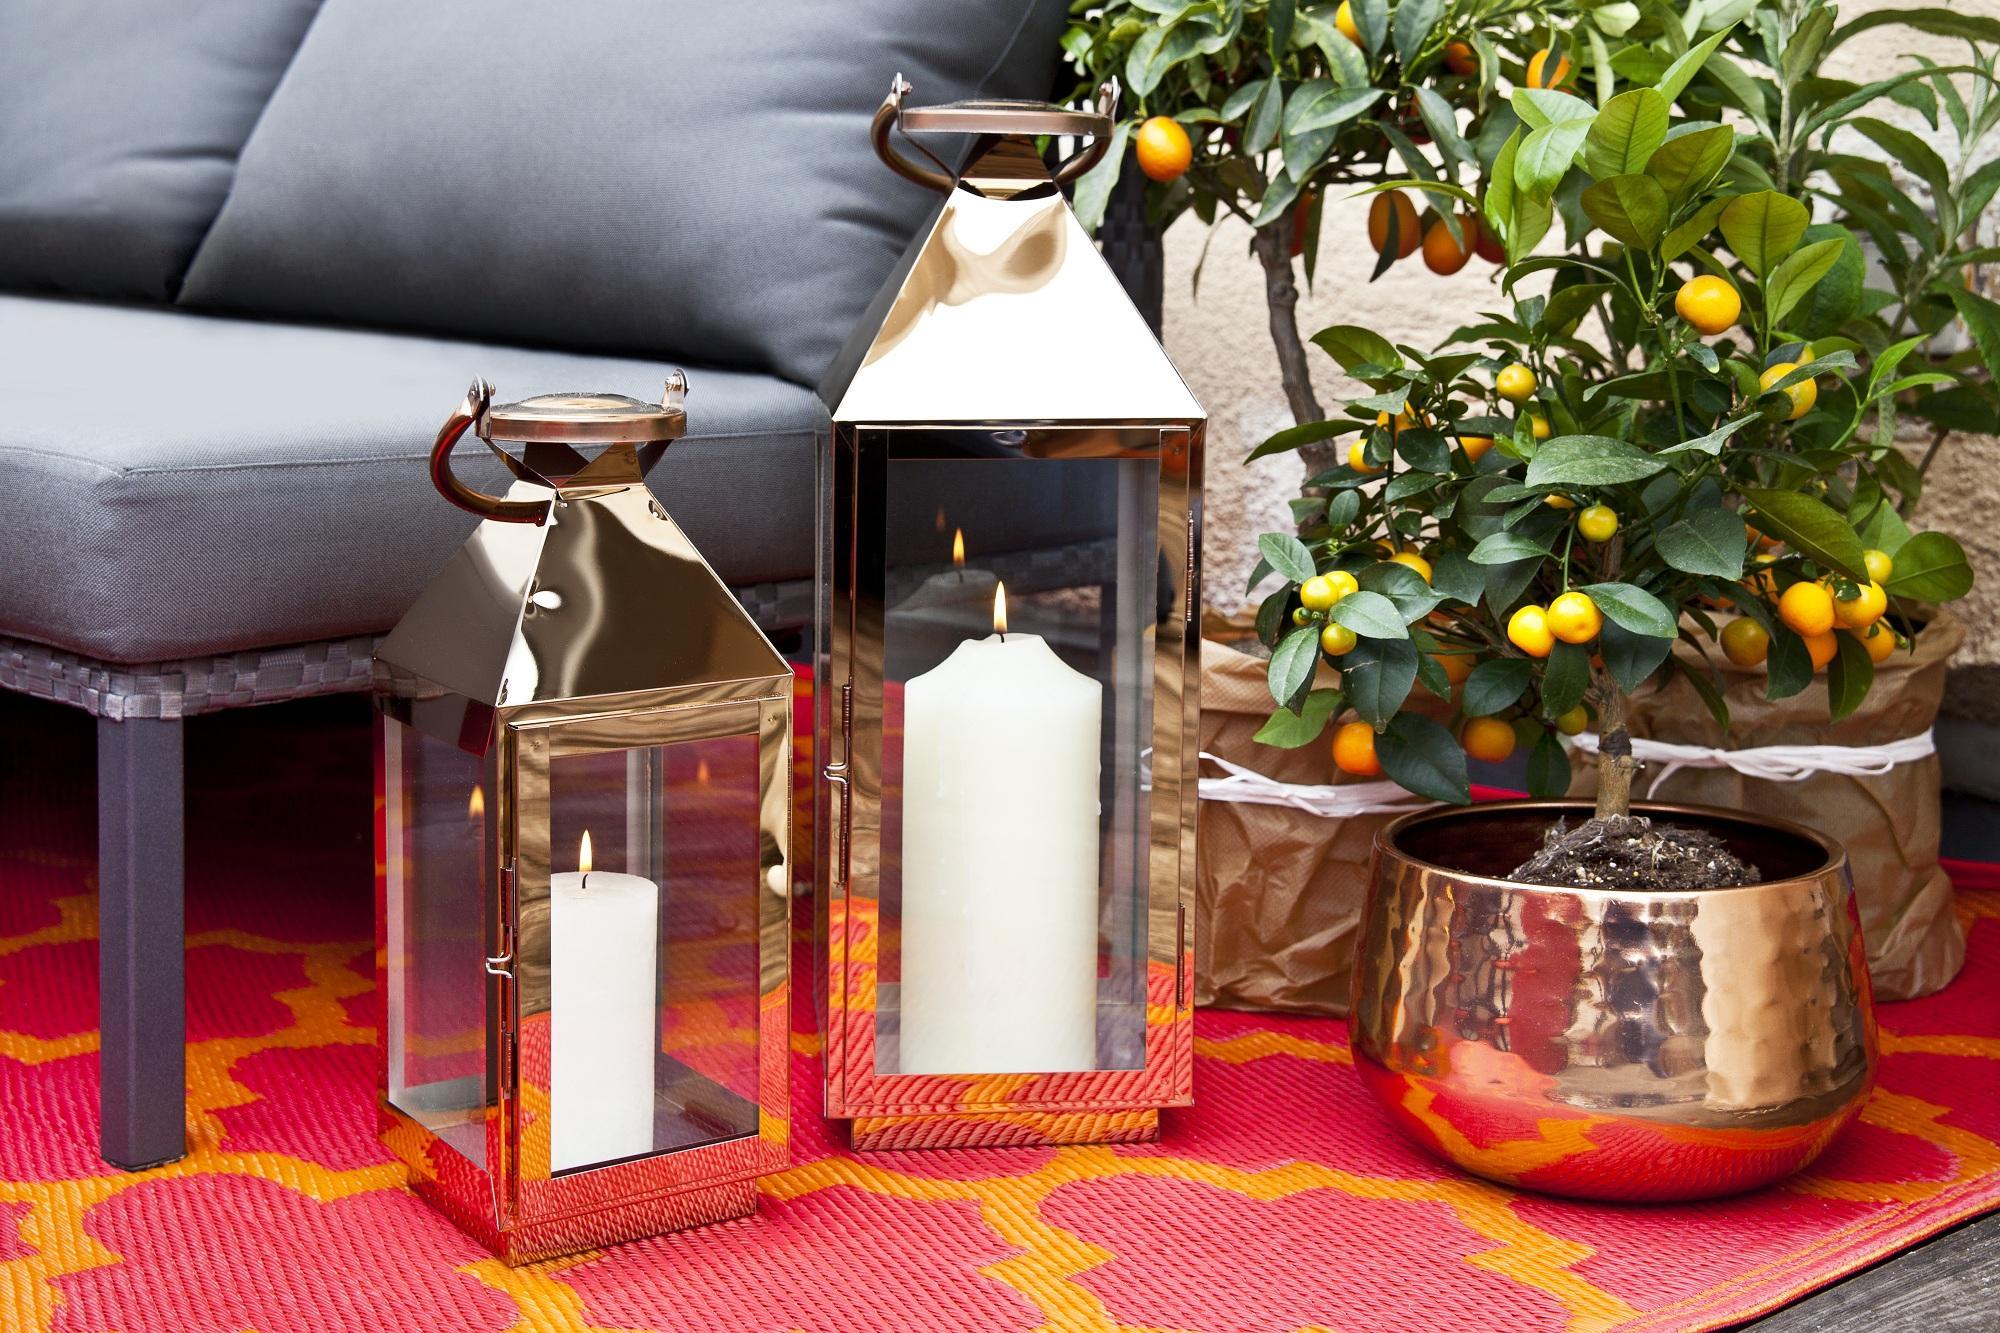 Decorate i davanzali con lanterne e candele profumate con vasetti in vetro dai mille colori.